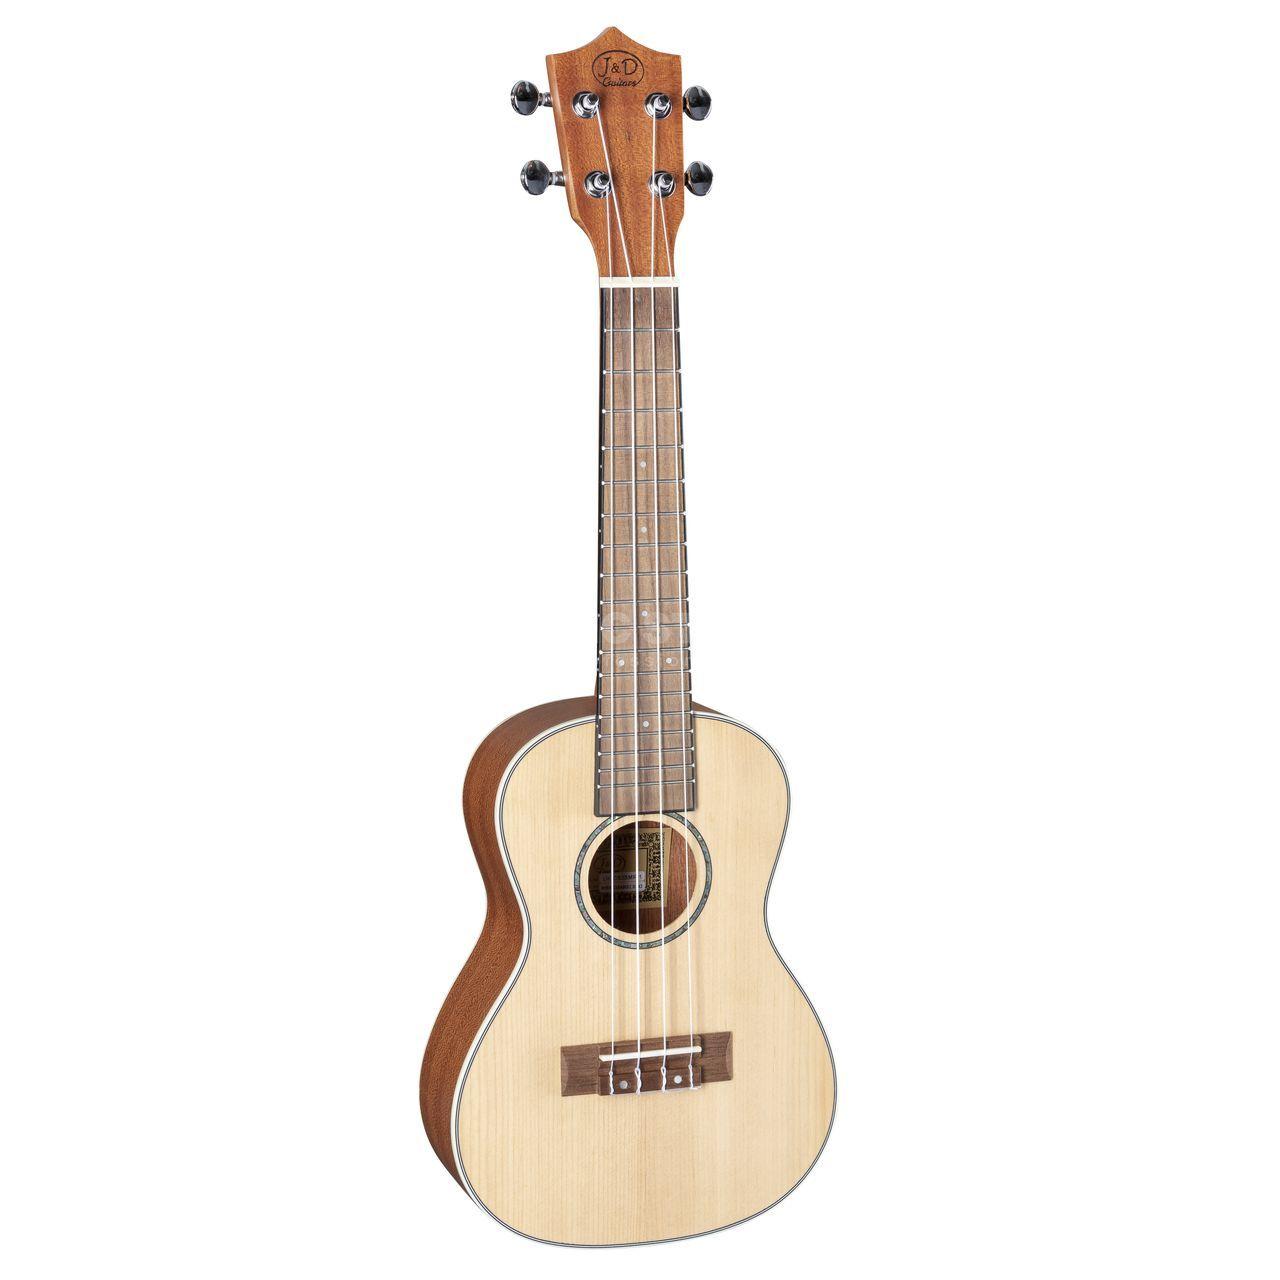 jack danny cs 3 concert ukulele music store professional. Black Bedroom Furniture Sets. Home Design Ideas